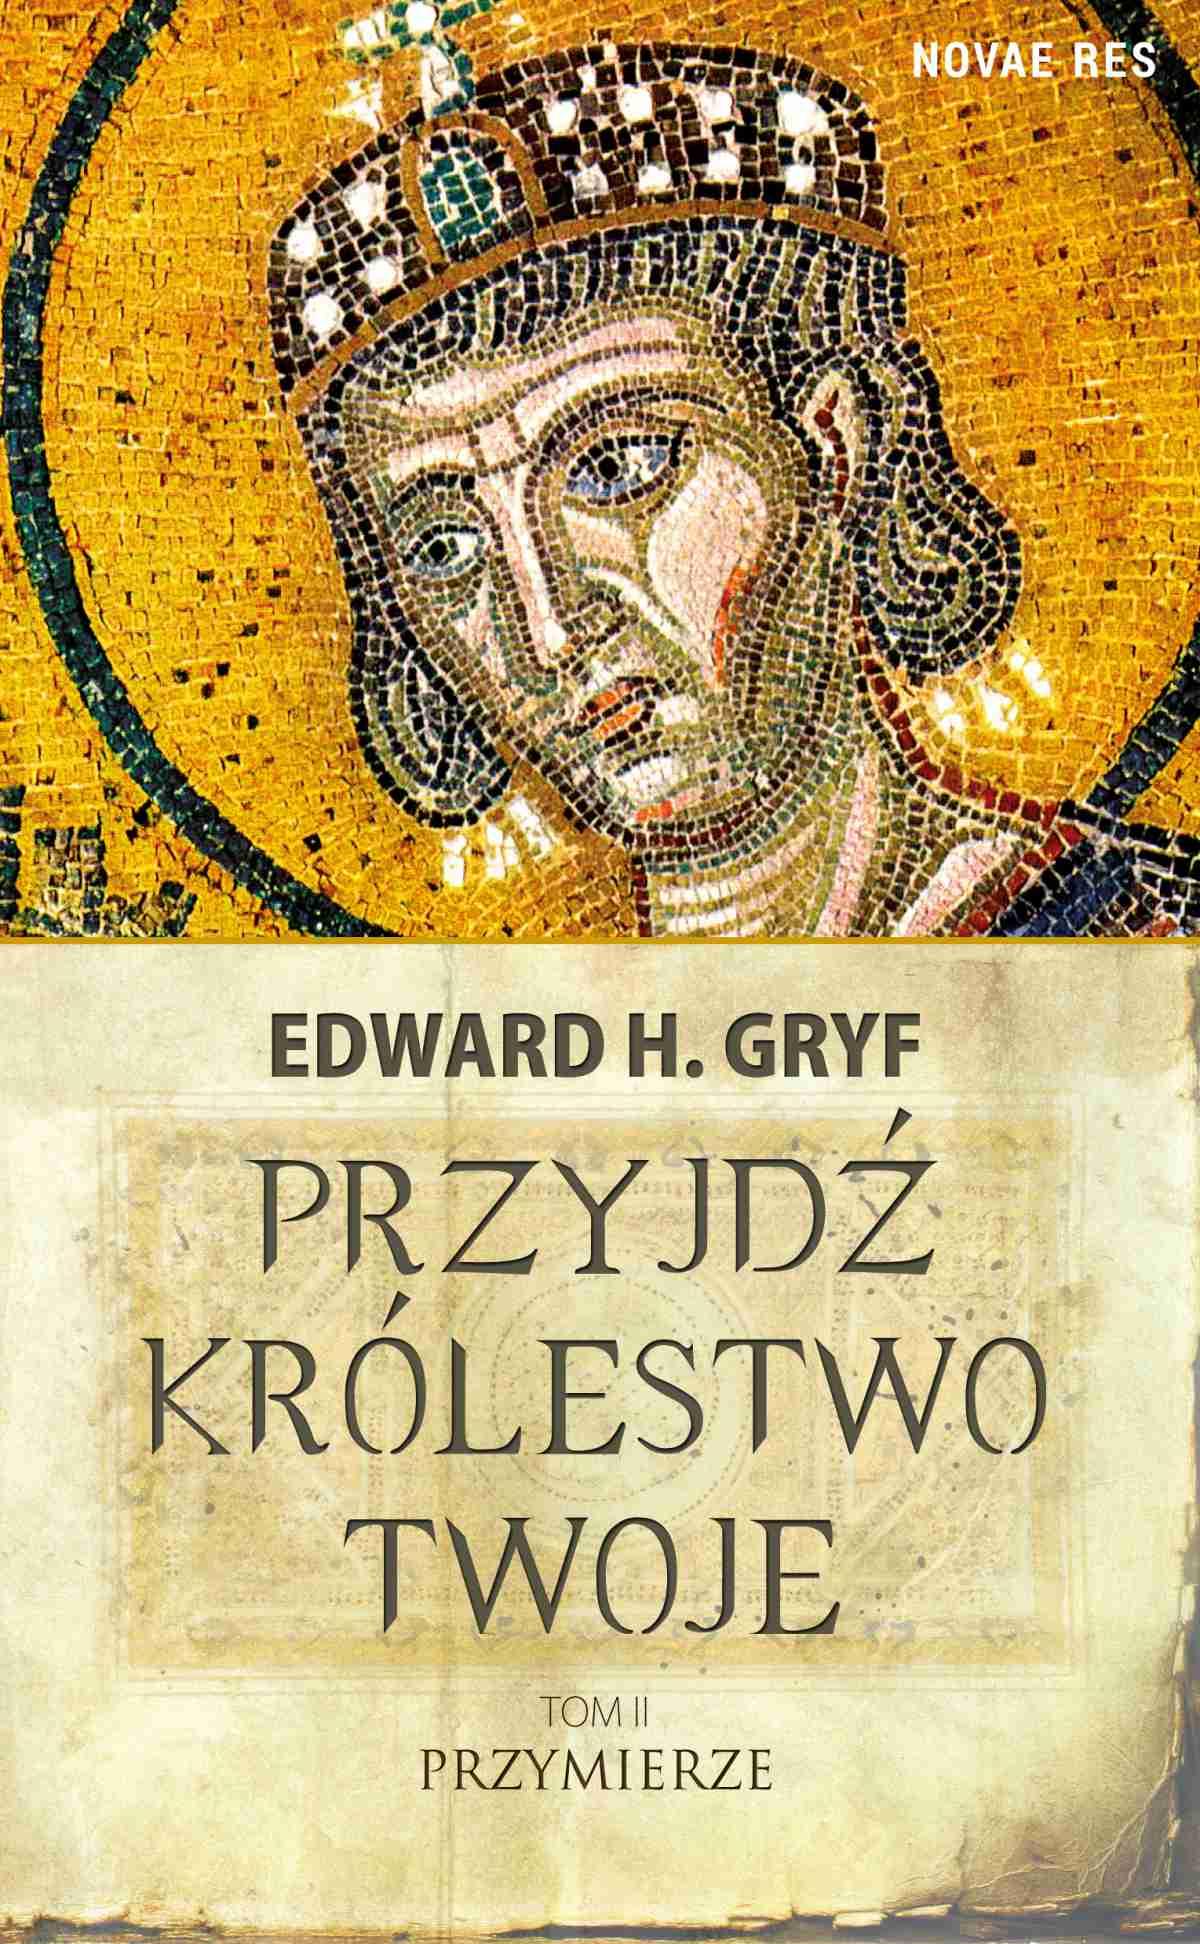 Przyjdź królestwo twoje. Tom II - Przymierze - Ebook (Książka na Kindle) do pobrania w formacie MOBI